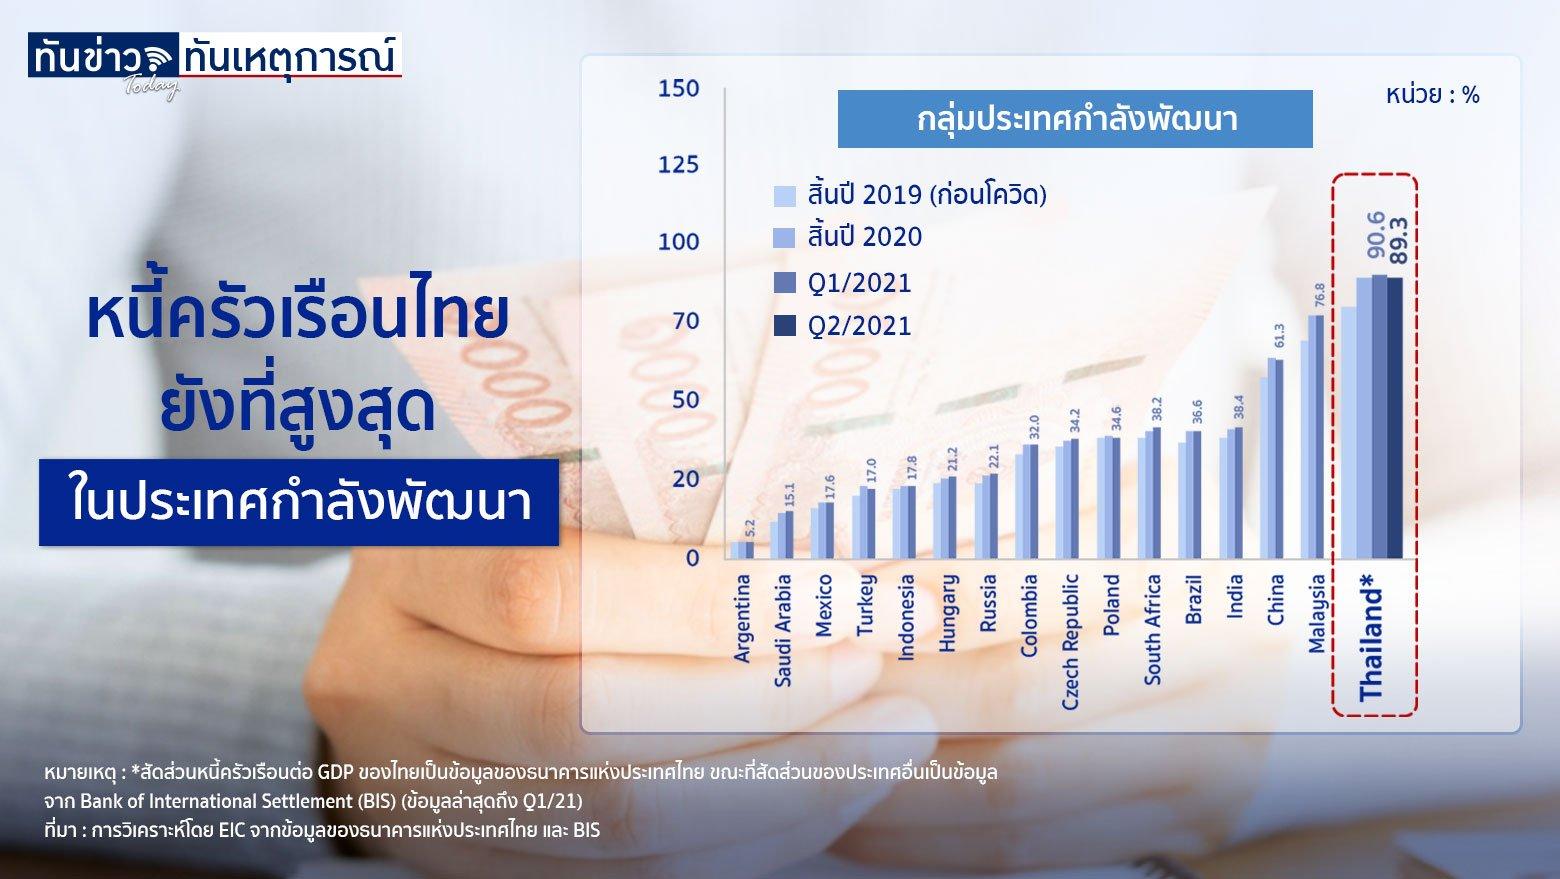 หนี้ครัวเรือนไทย ยังสูงที่สุดในประเทศกำลังพัฒนา